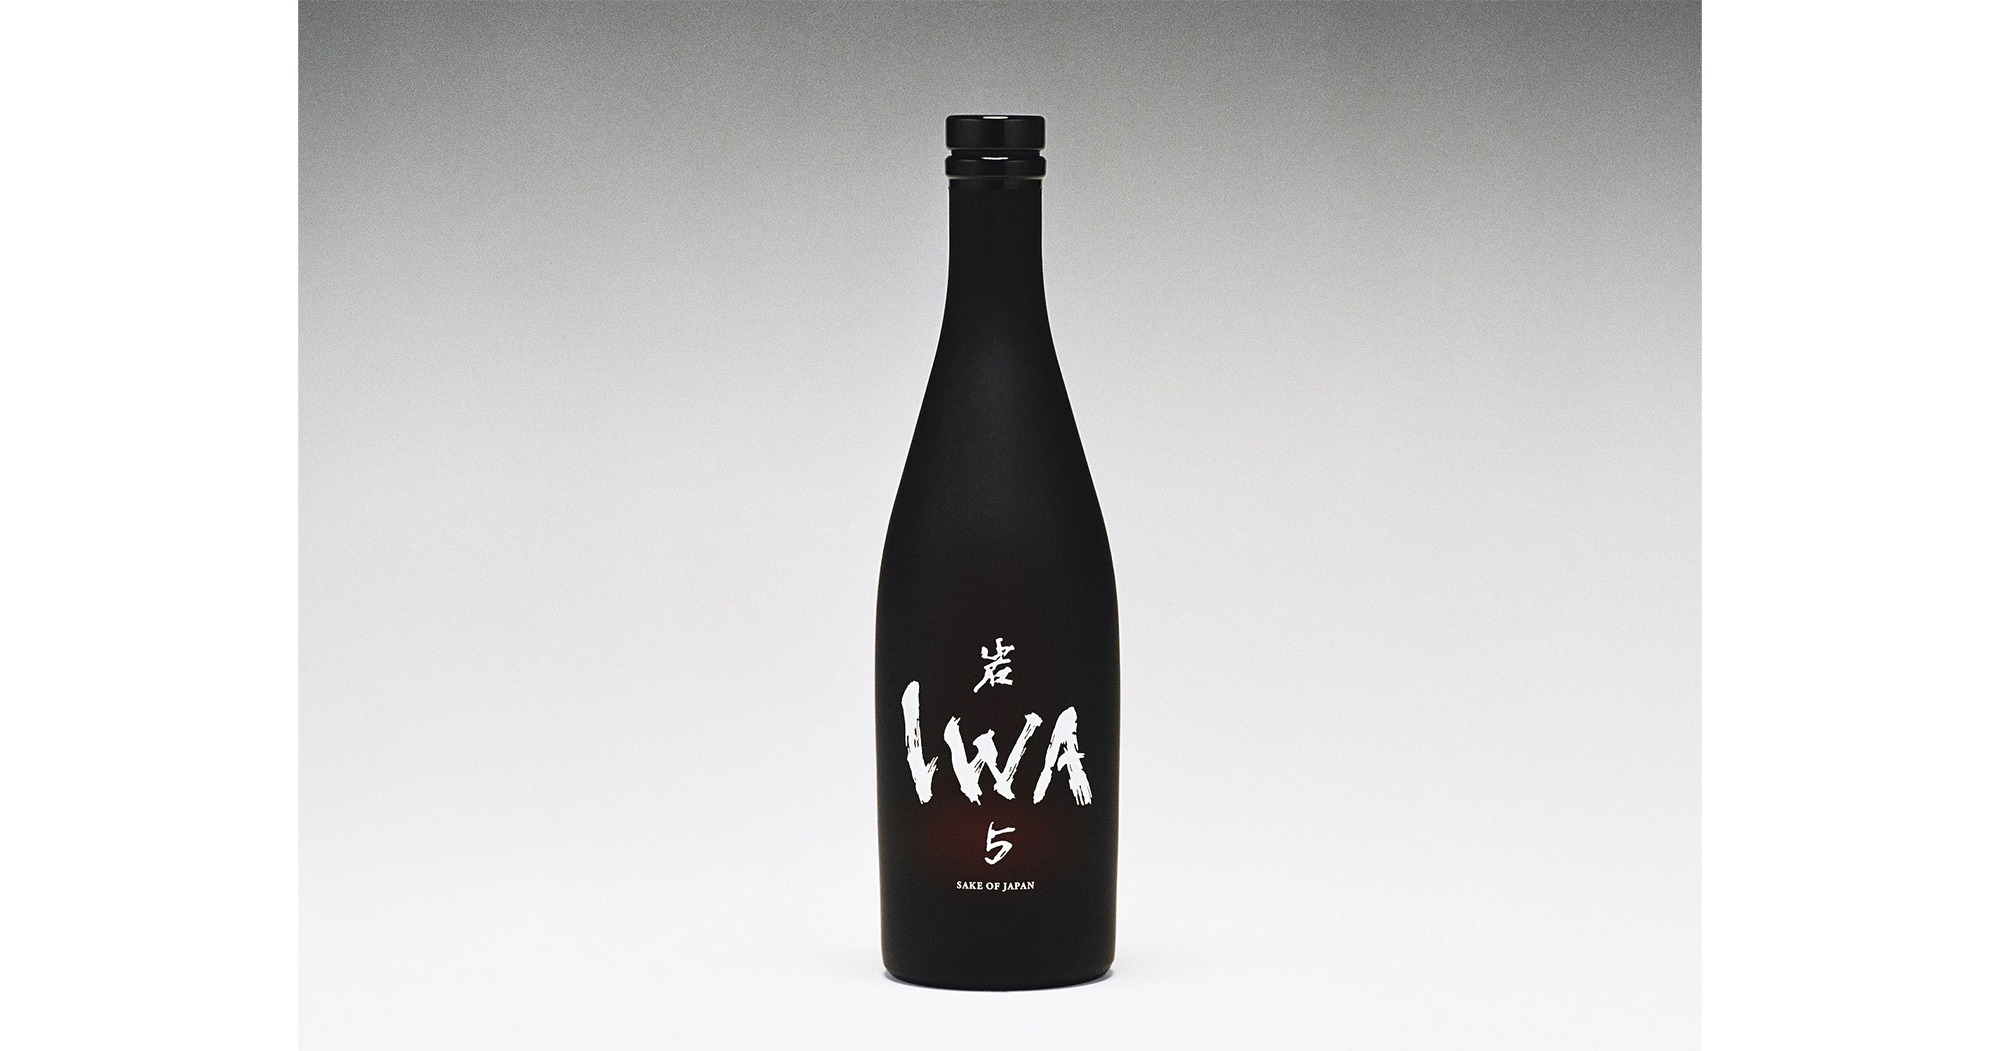 ドン ペリニヨンの5代目醸造最高責任者、リシャール・ジョフロワが複数の日本酒をブレンドして生み出した「IWA5」。